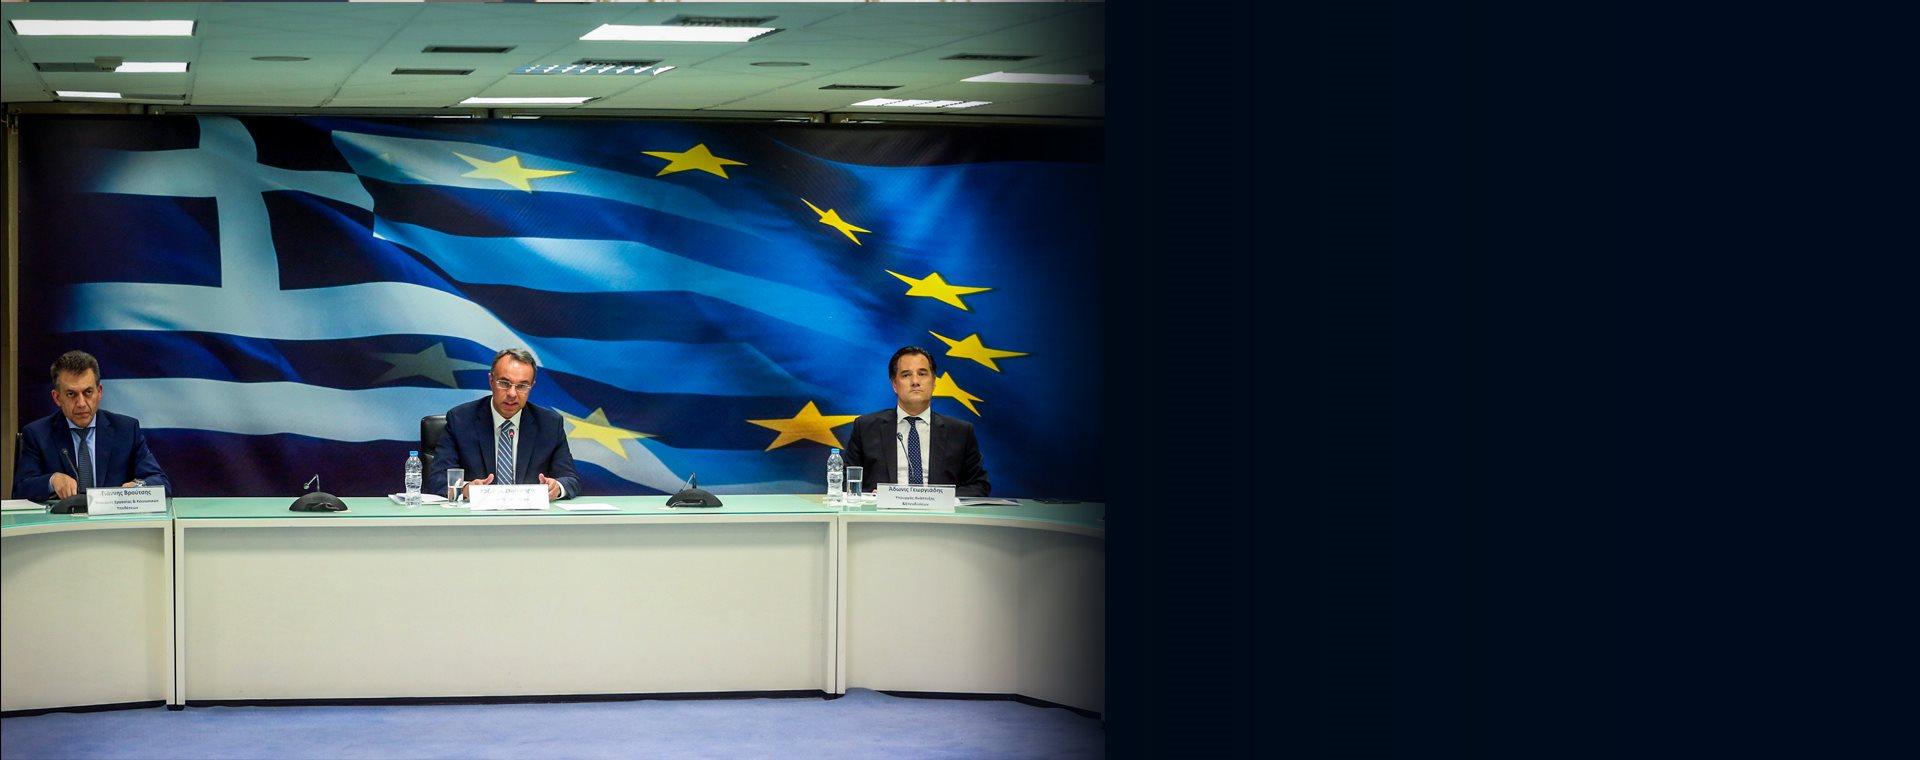 Πρώτο Θέμα - ειδήσεις από την Ελλάδα και όλο τον κόσμο